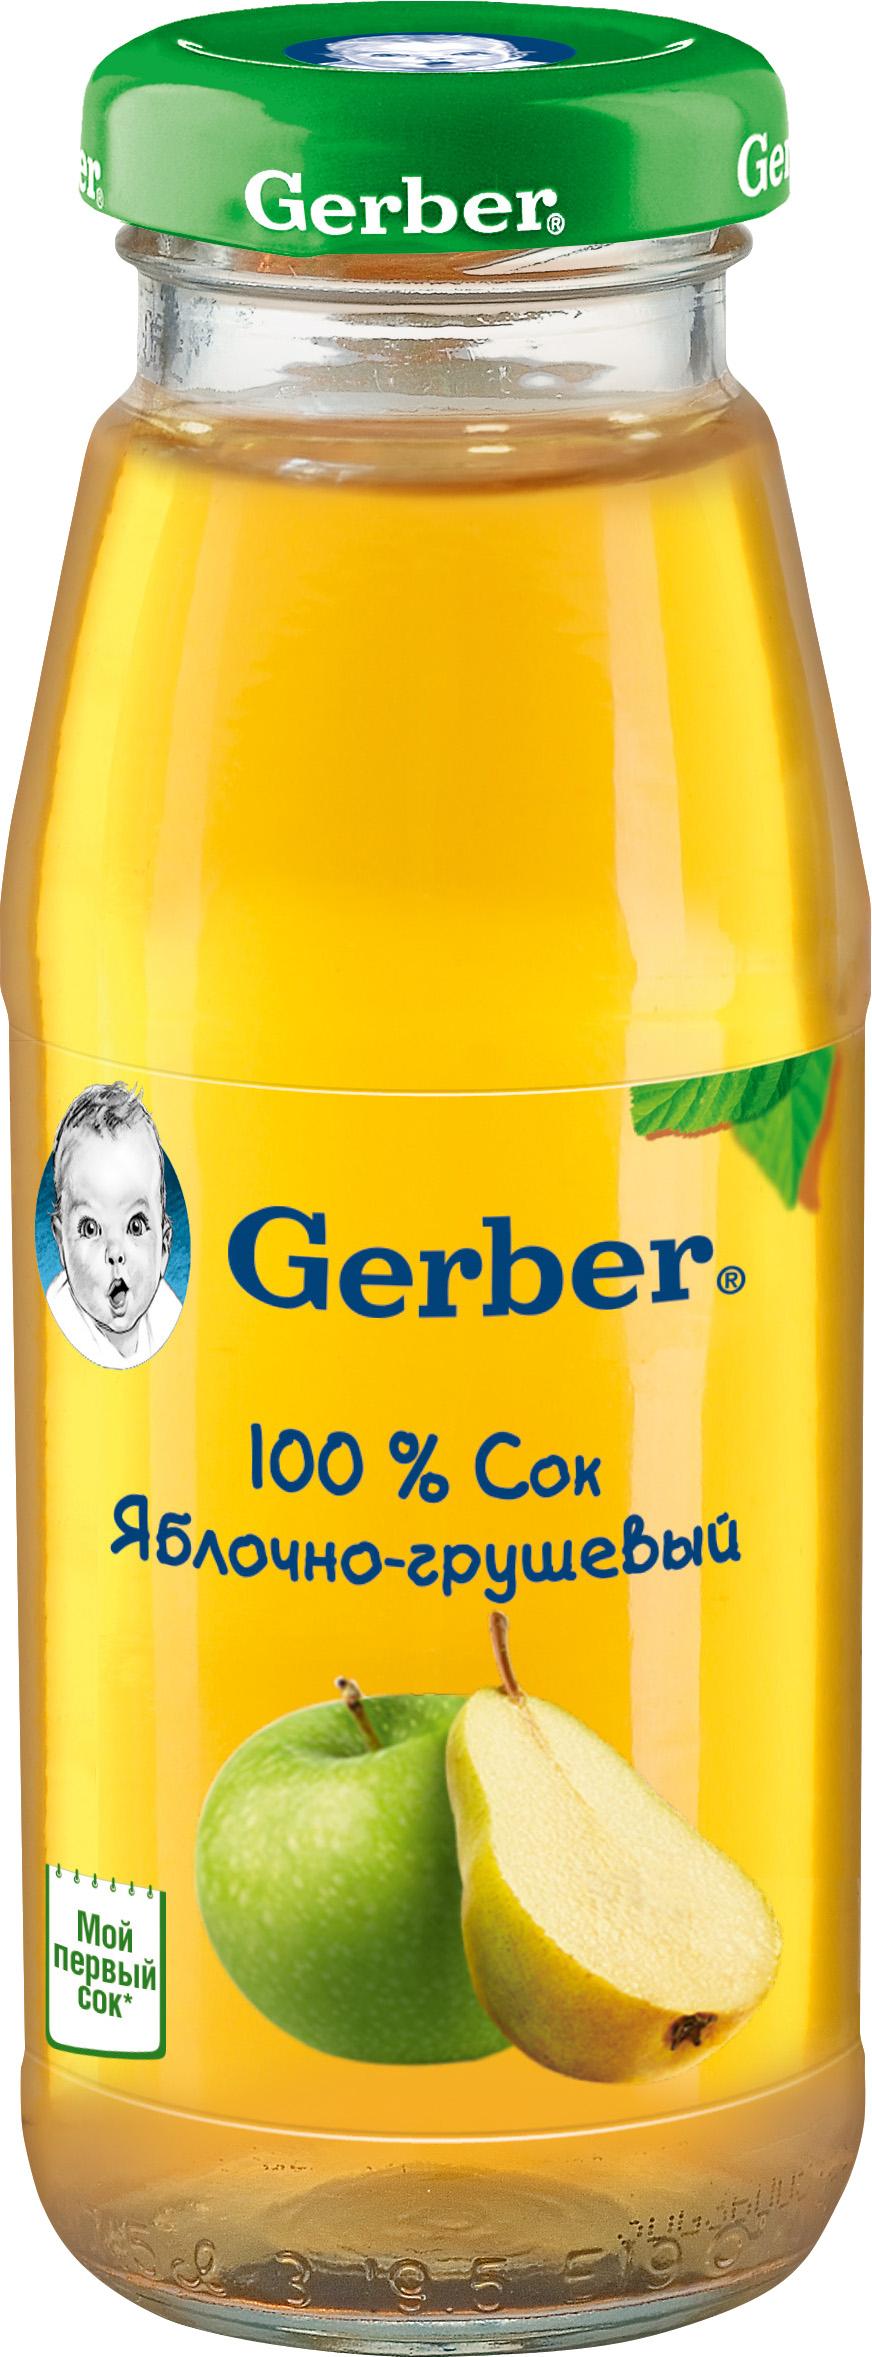 Напитки Gerber Сок Gerber яблочно-грушевый с 4 мес. 175 мл gerber органик спелая груша 90г с 4 х мес